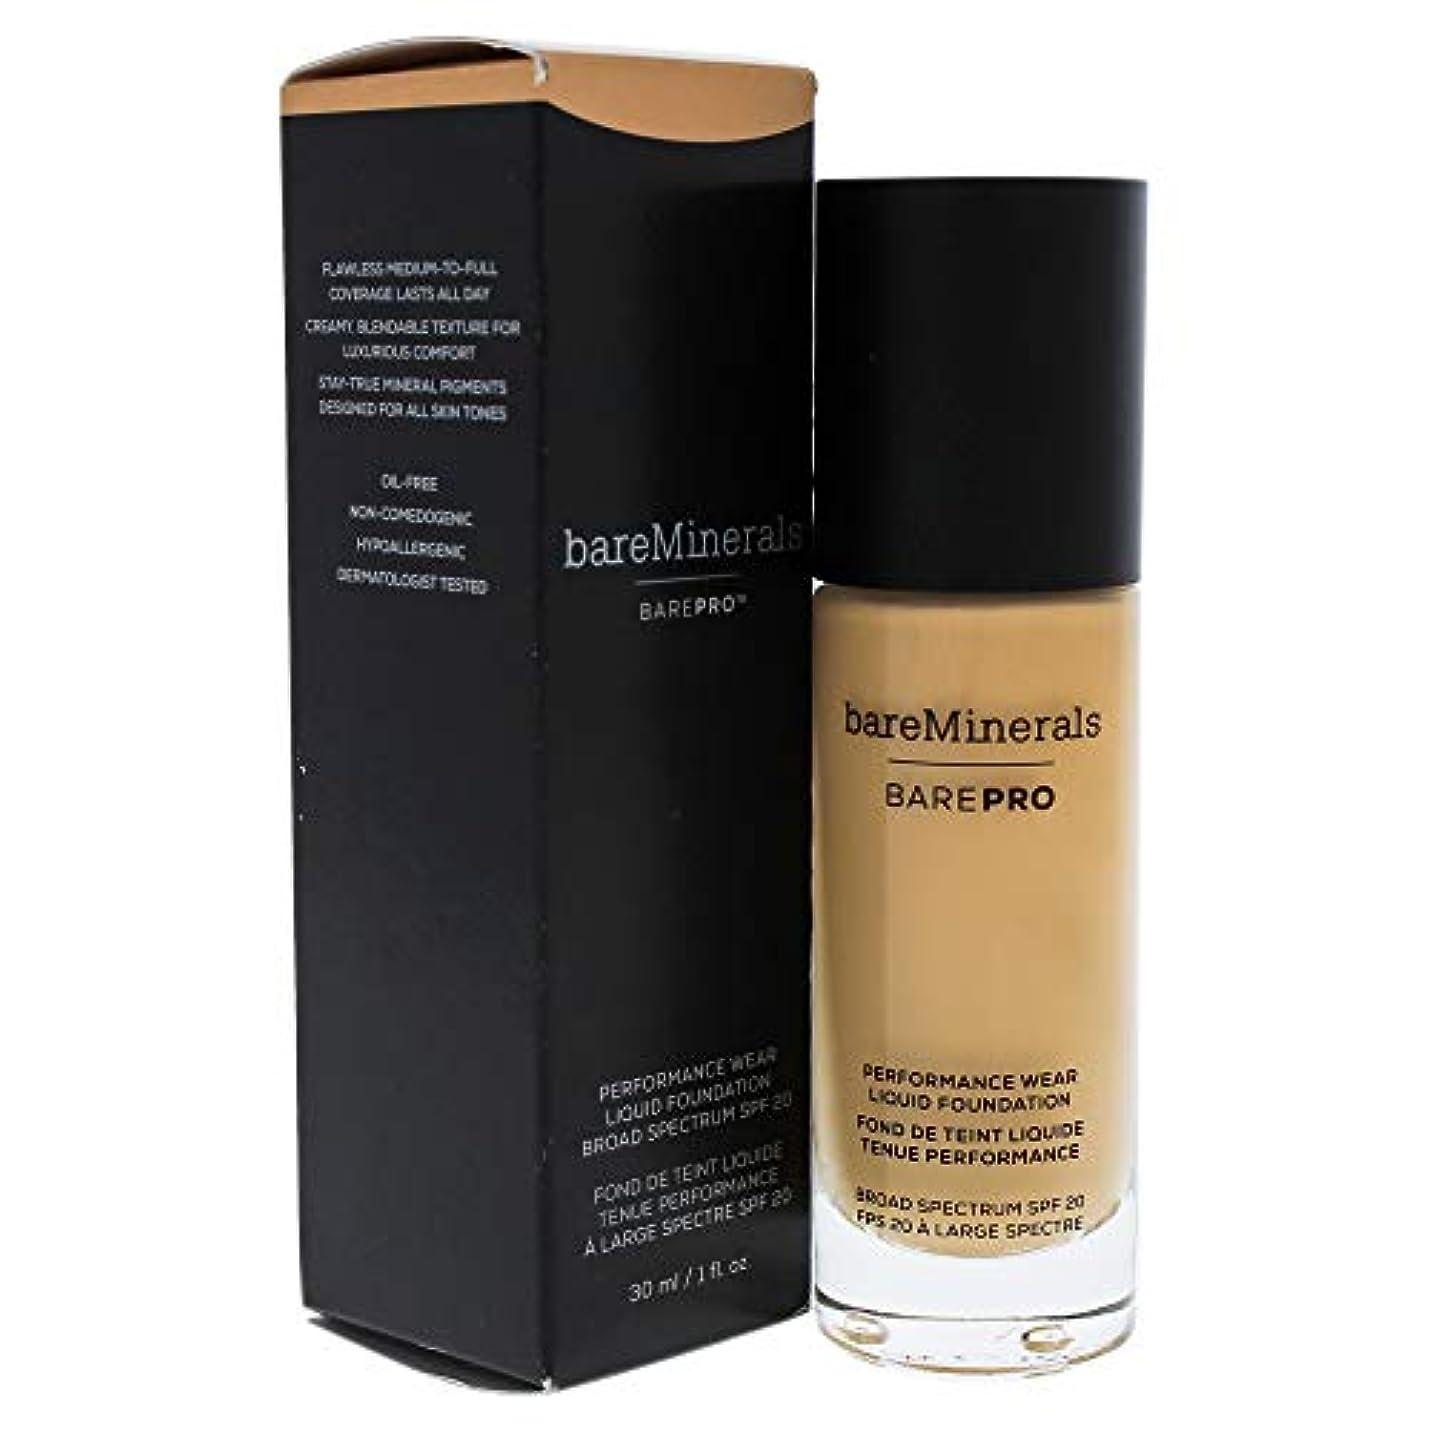 熟読簡単な気楽なベアミネラル BarePro Performance Wear Liquid Foundation SPF20 - # 16 Sandstone 30ml/1oz並行輸入品